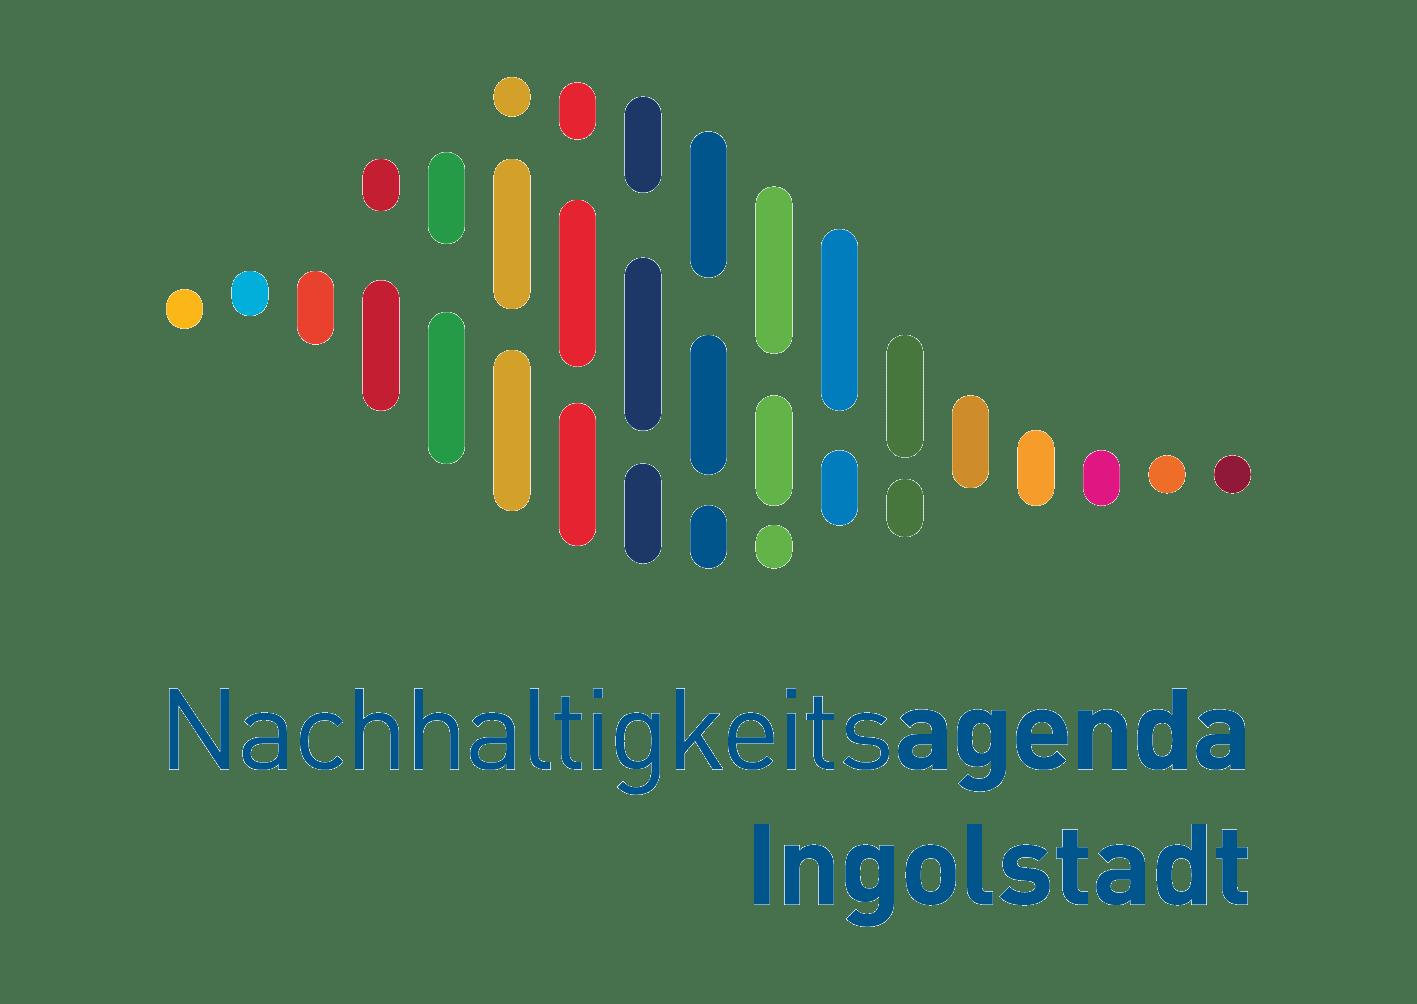 Nachhaltigkeitsagenda Ingolstadt